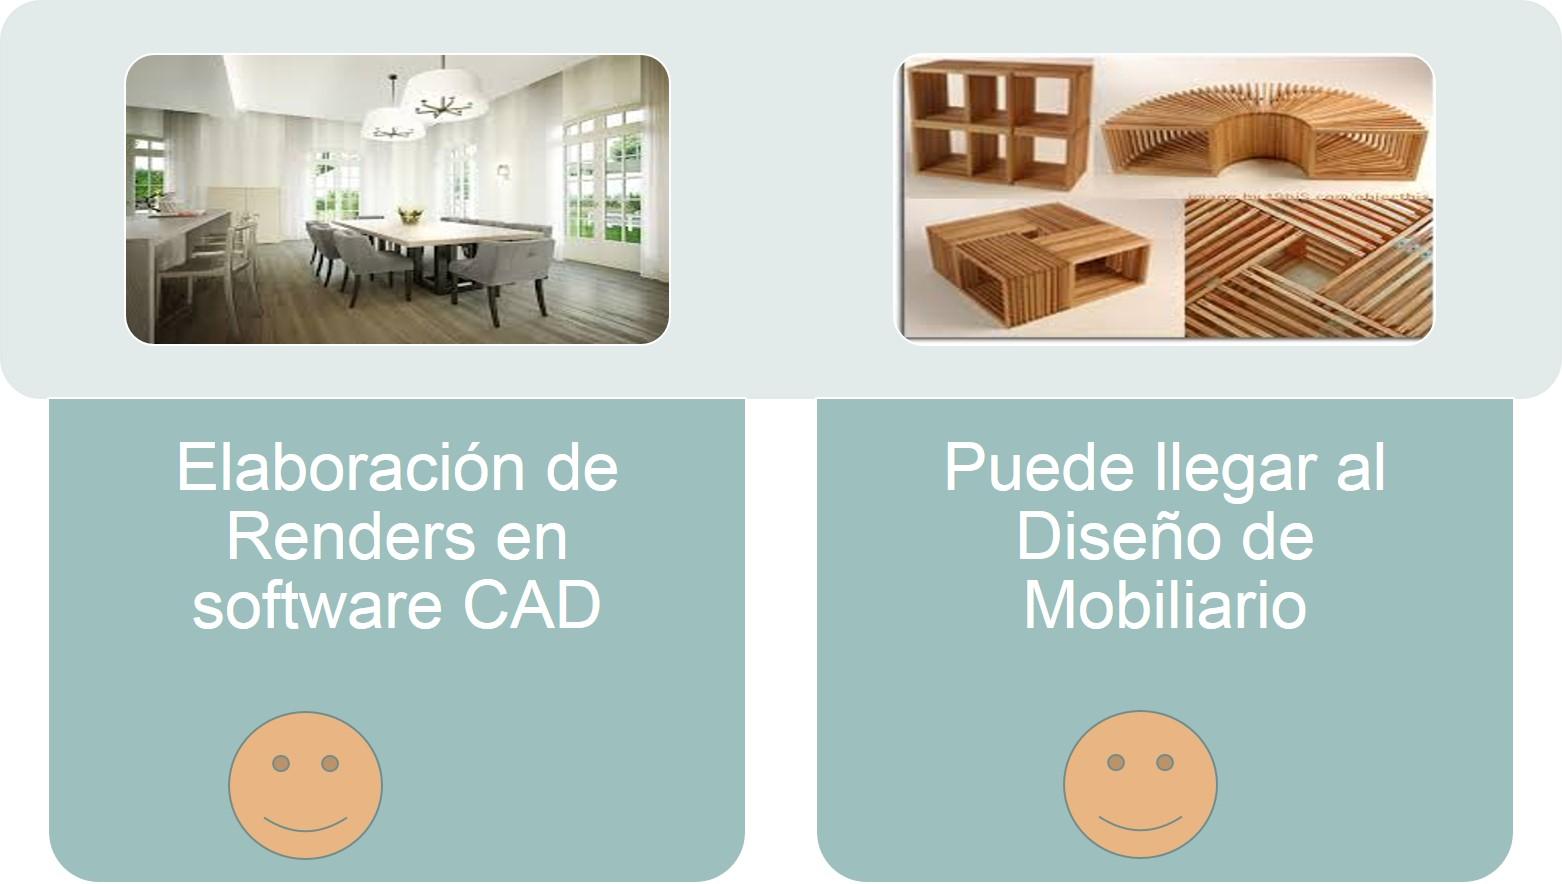 Diplomado 1 on emaze - App diseno de interiores ...